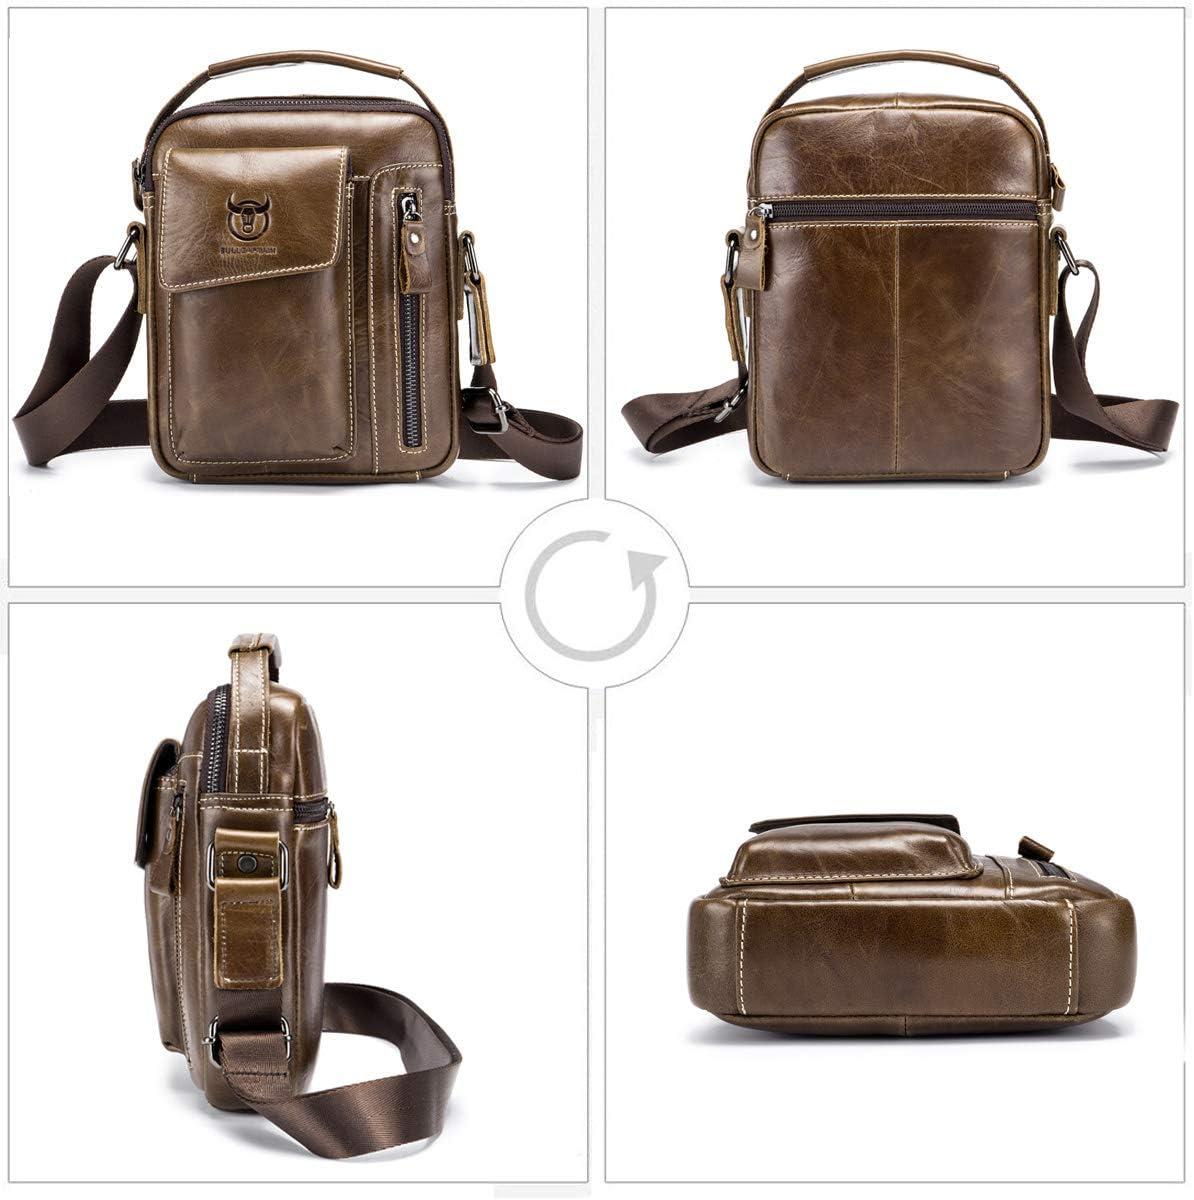 SDINAZ Herren Umh/ängetasche Umh/ängetasche erste Schicht Rindsleder Mode Business l/ässige Handtasche braun